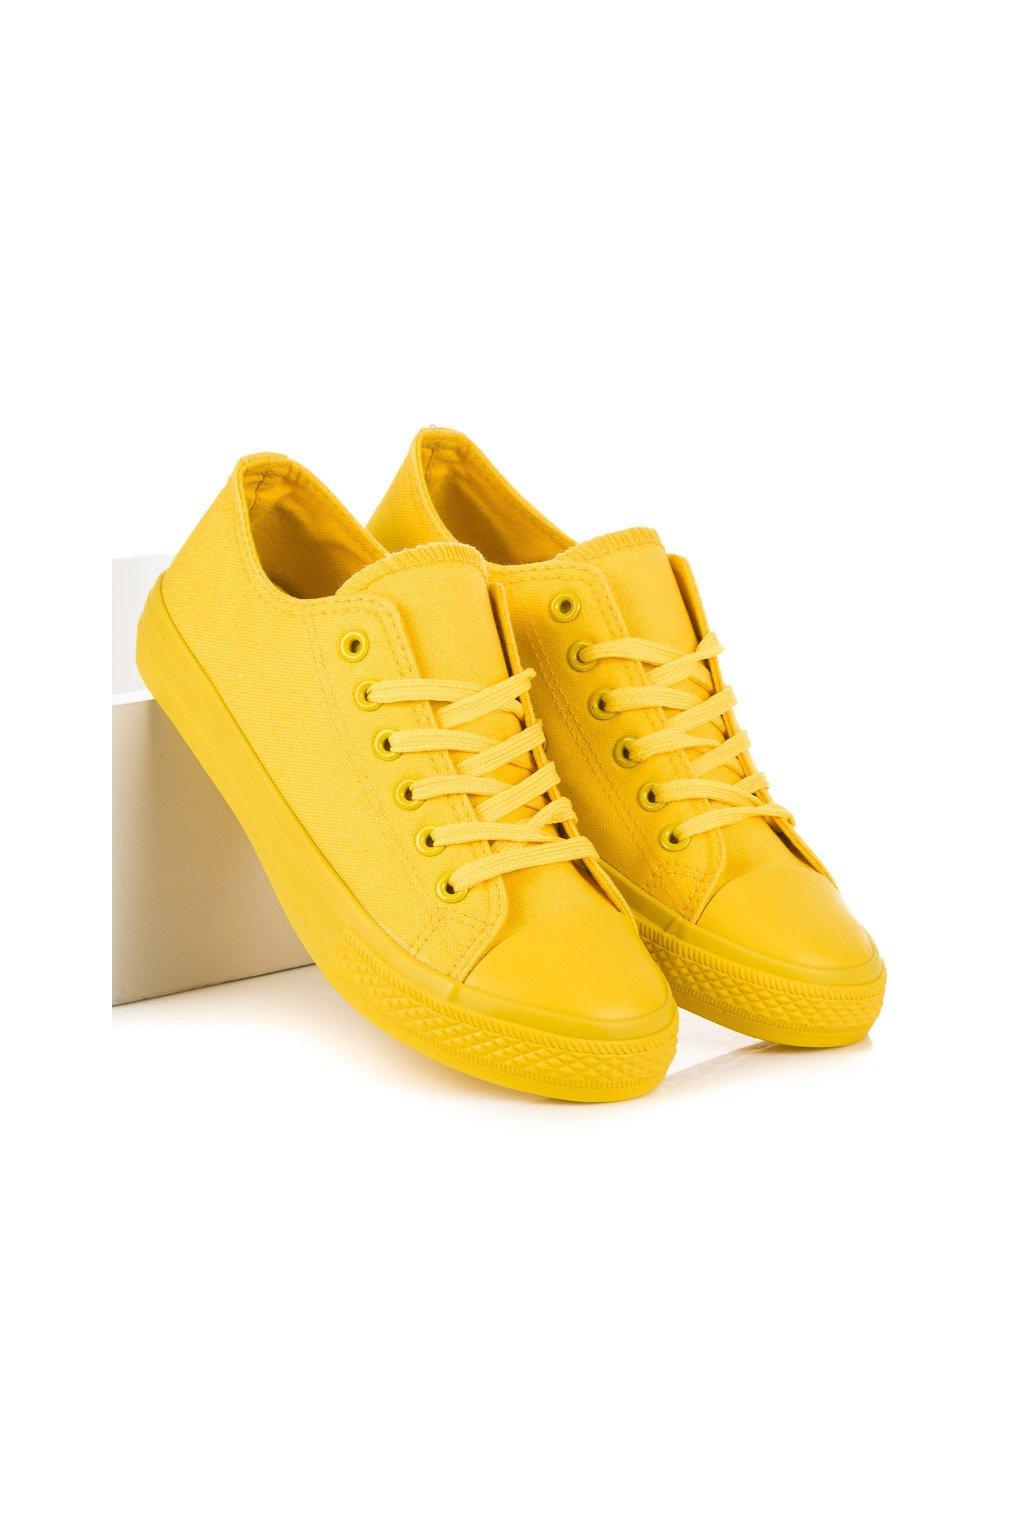 Textilné plátenky žlté Seastar Textilné plátenky žlté Seastar ... 54ccd6a8bae